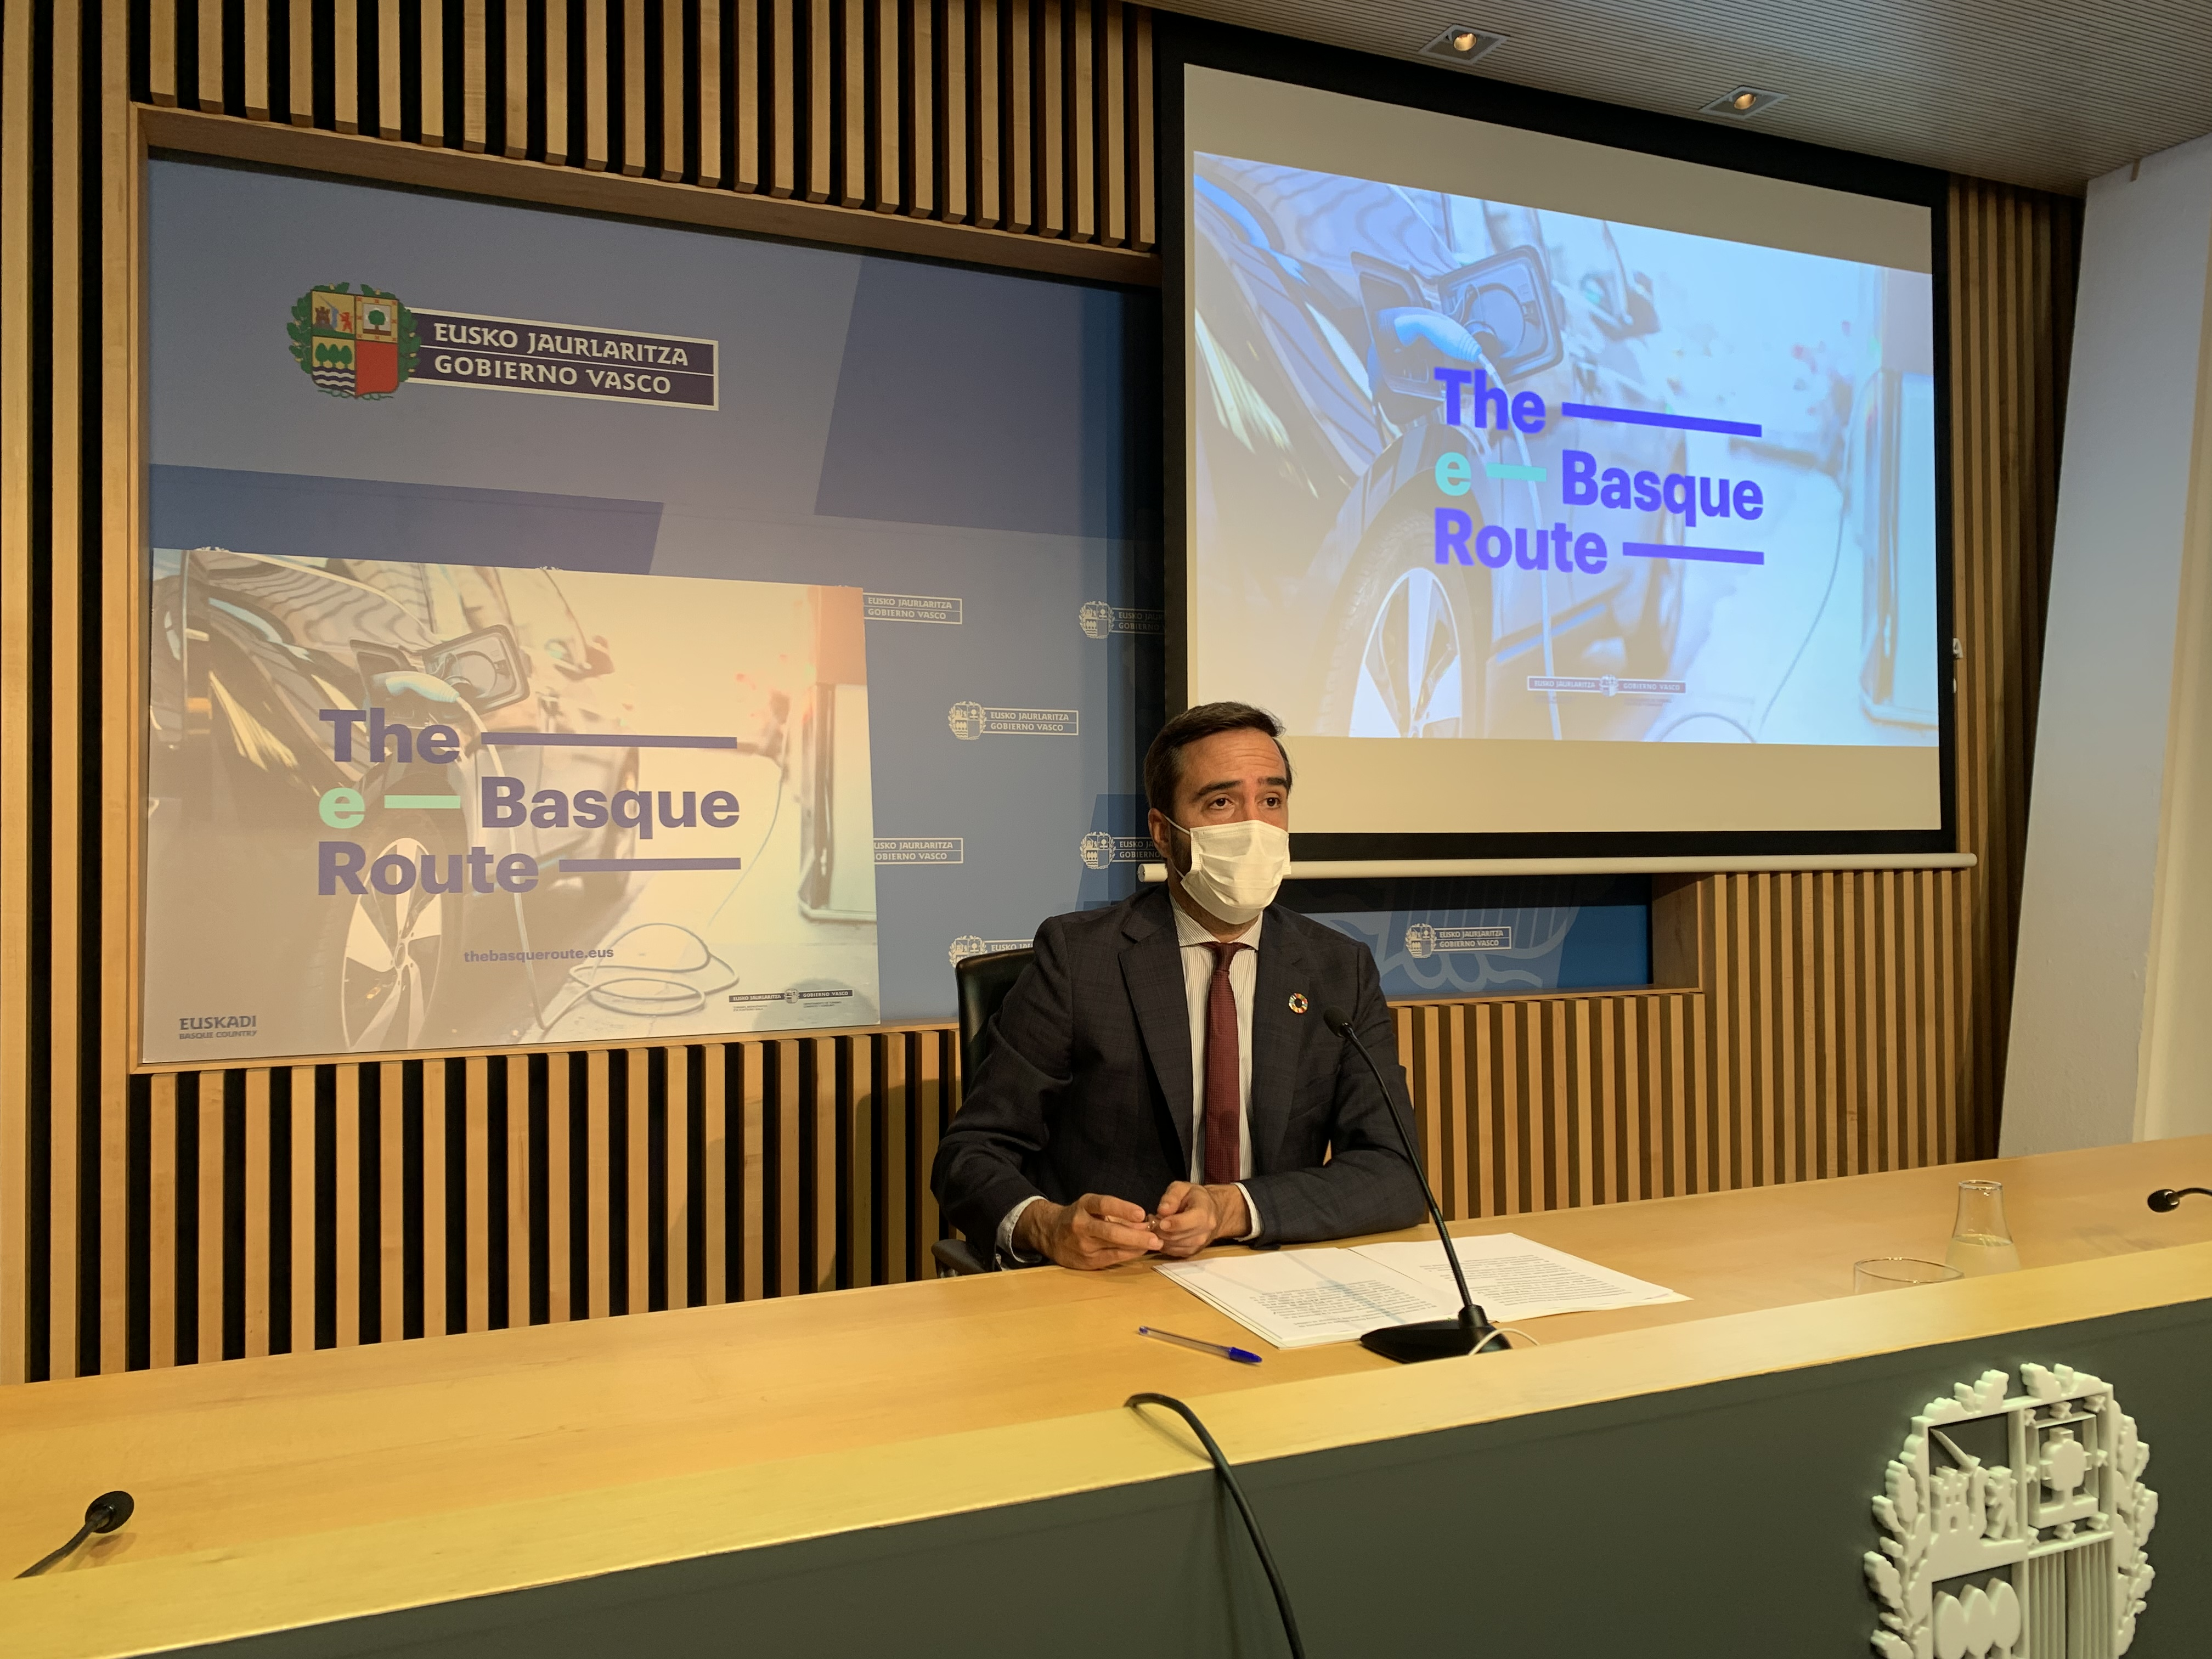 El Consejero Javier Hurtado ha presentado el proyecto de movilidad turística sostenible The e-Basque Route [12:15]